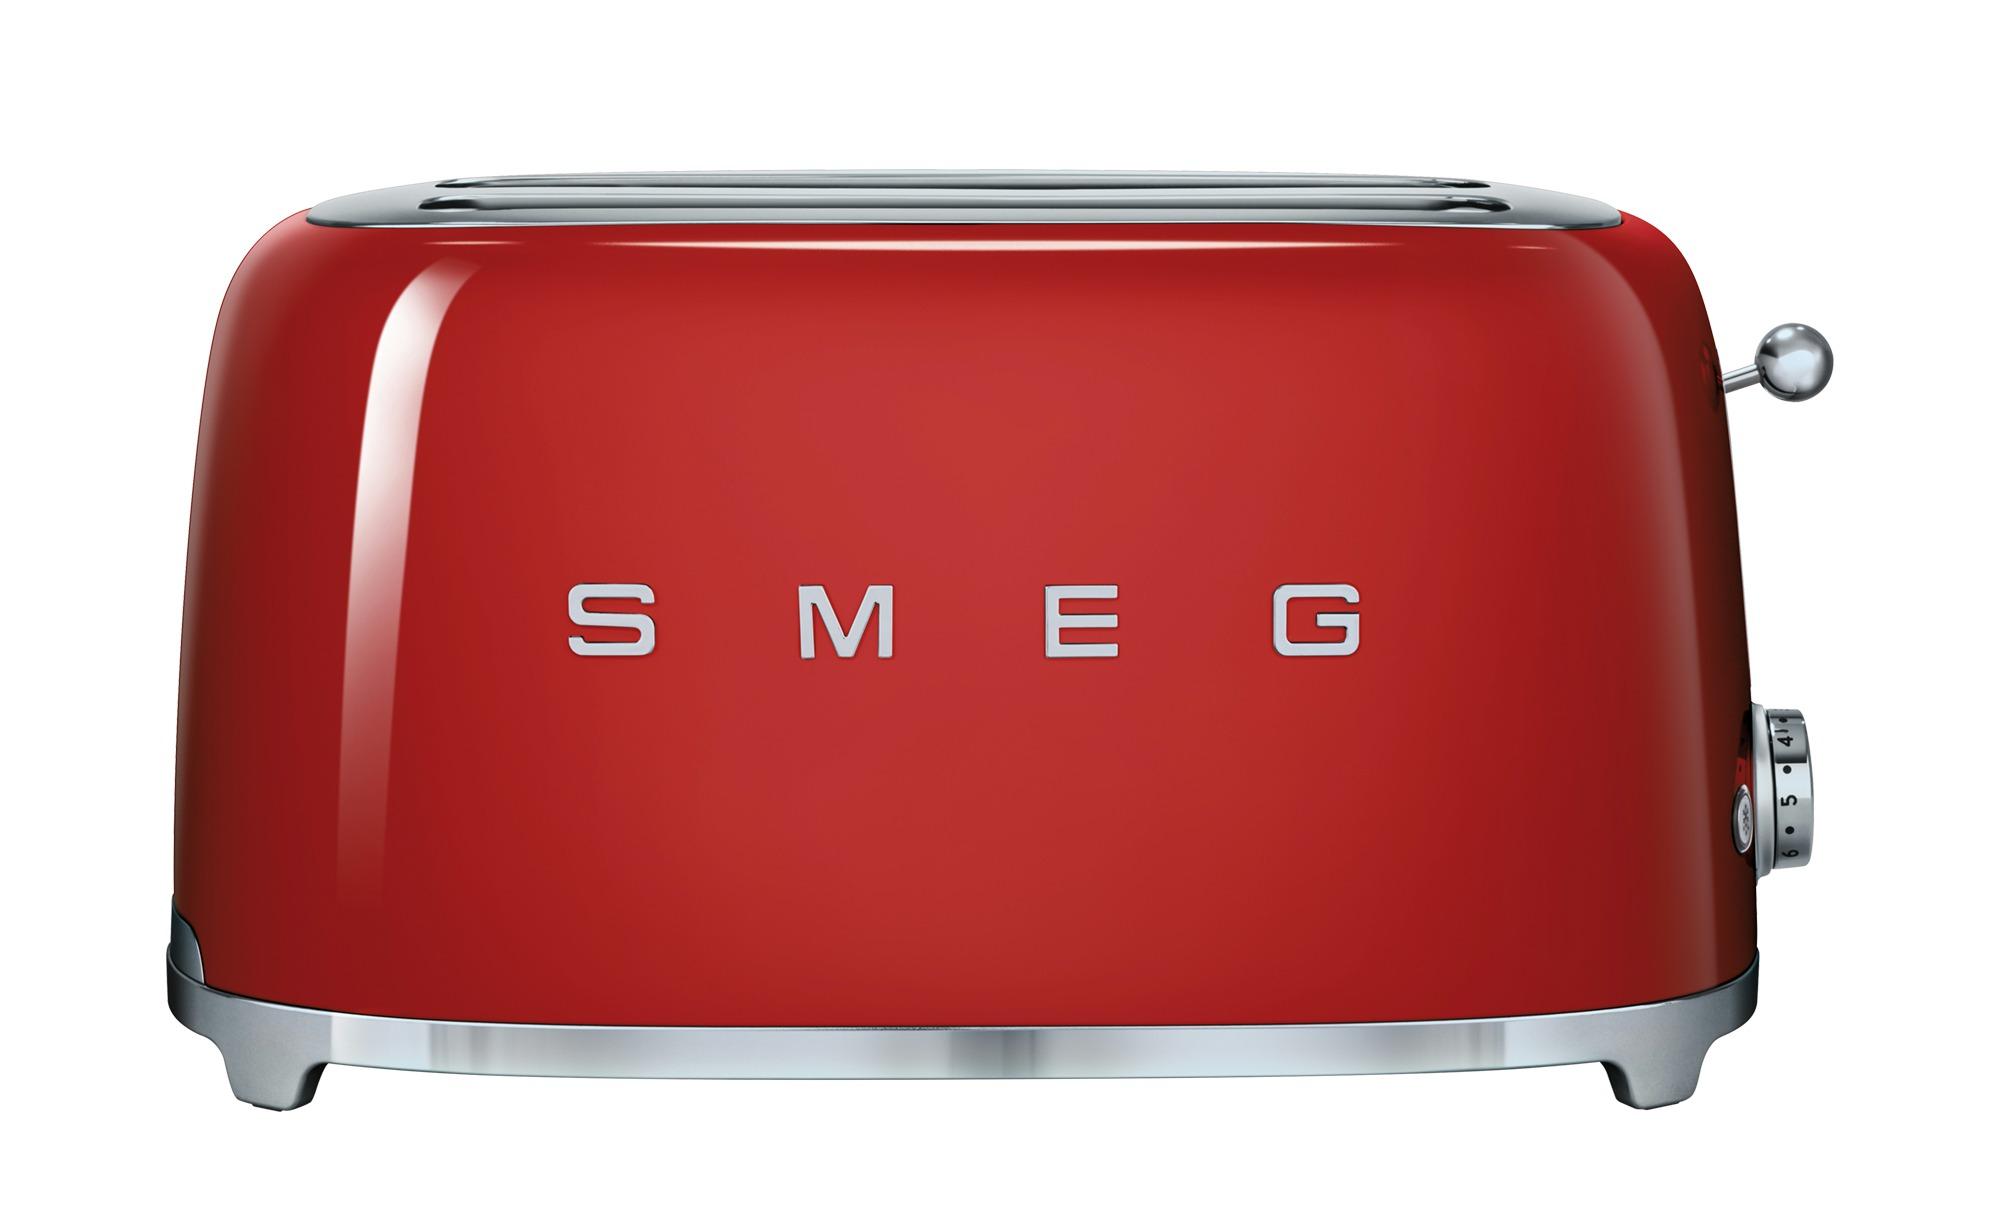 smeg 4-Scheiben-Toaster  TSF02RDEU - rot - Edelstahl - 39,4 cm - 21,5 cm - 20,8 cm - Elektrokleingeräte > Toaster - Möbel Kraft | Küche und Esszimmer > Küchengeräte > Toaster | smeg